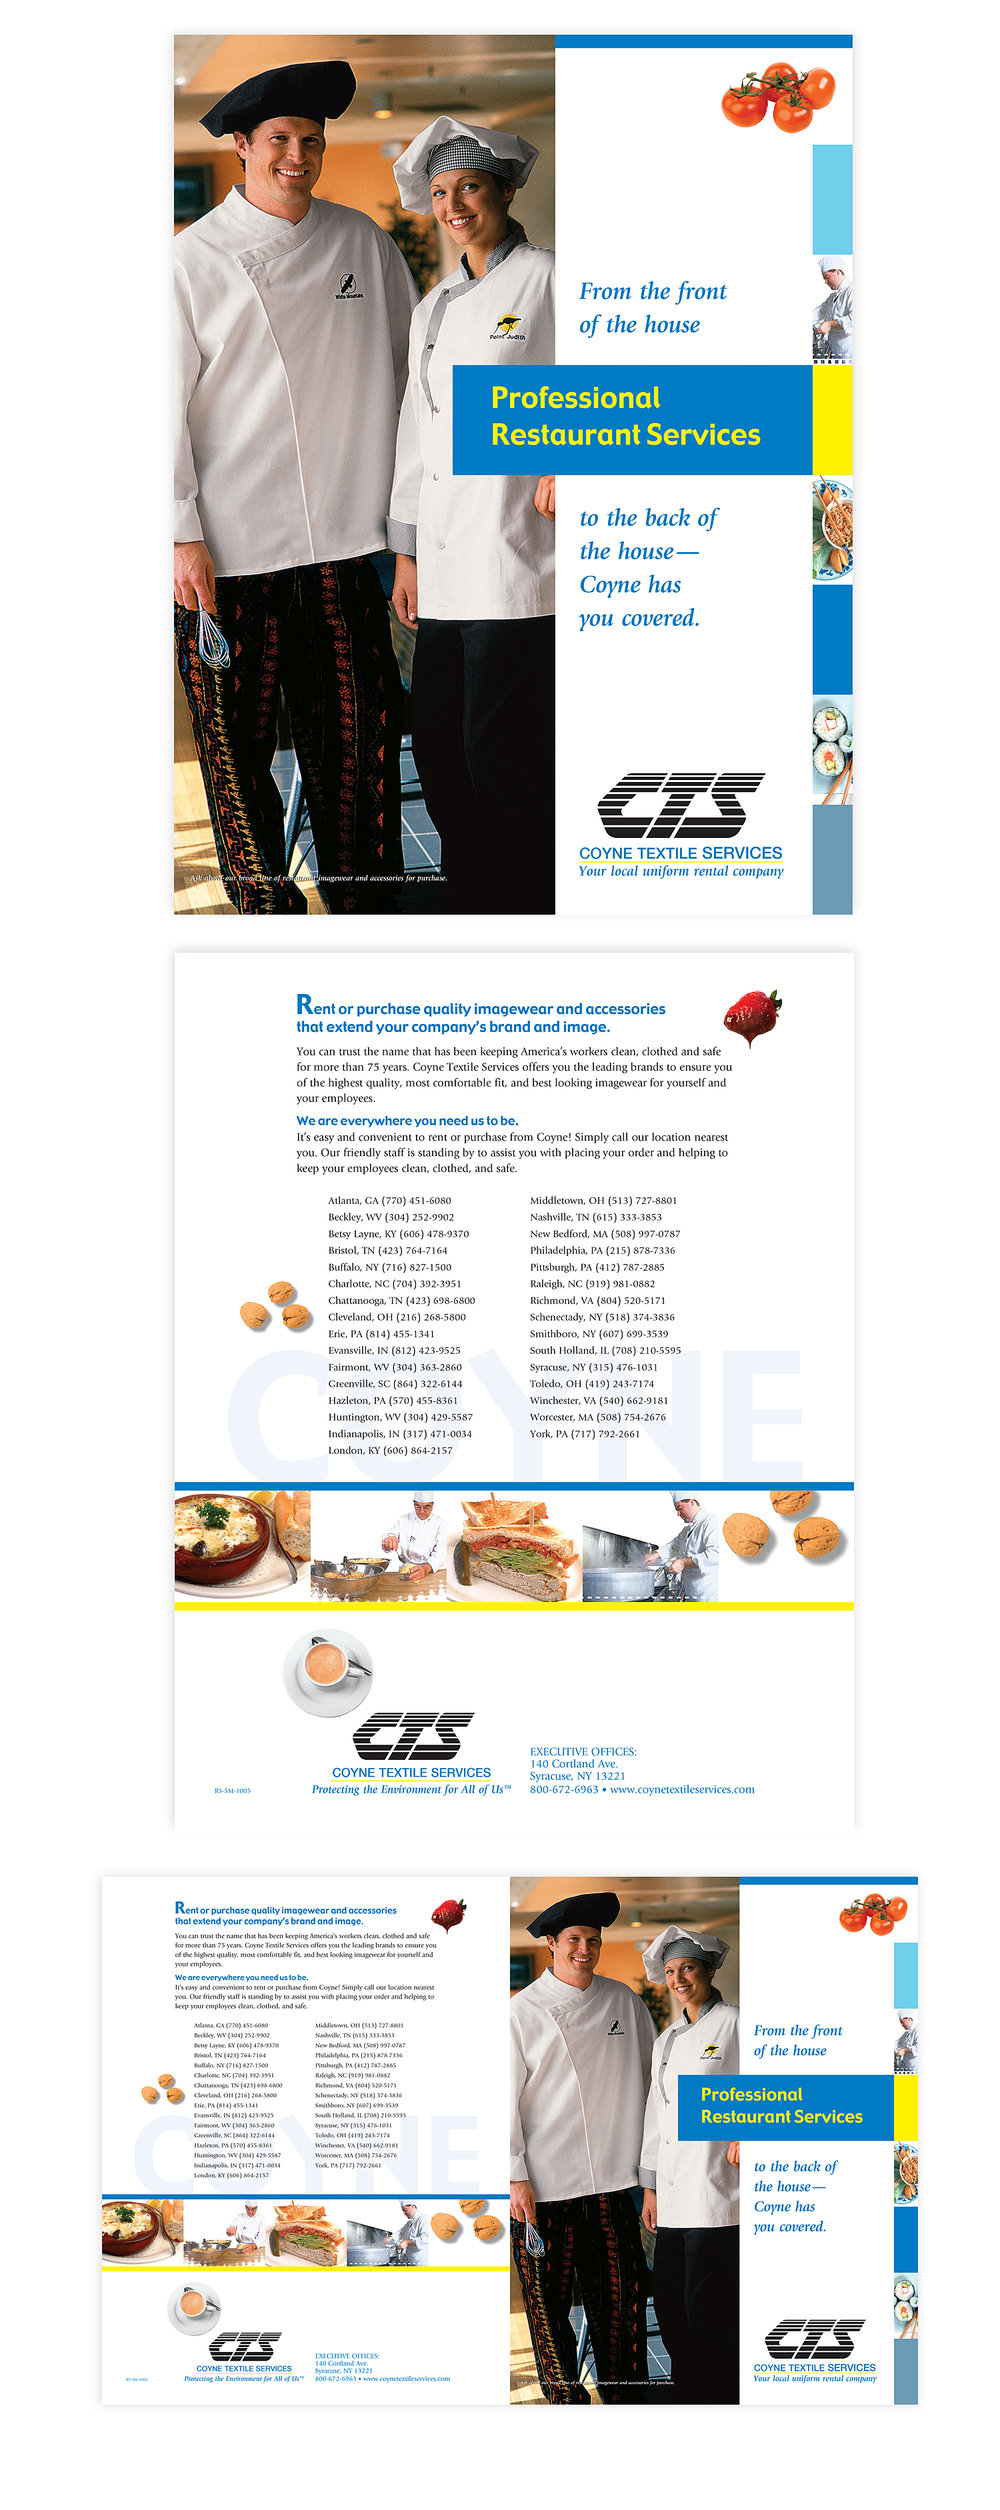 3-Brochures_Coyne1.jpg